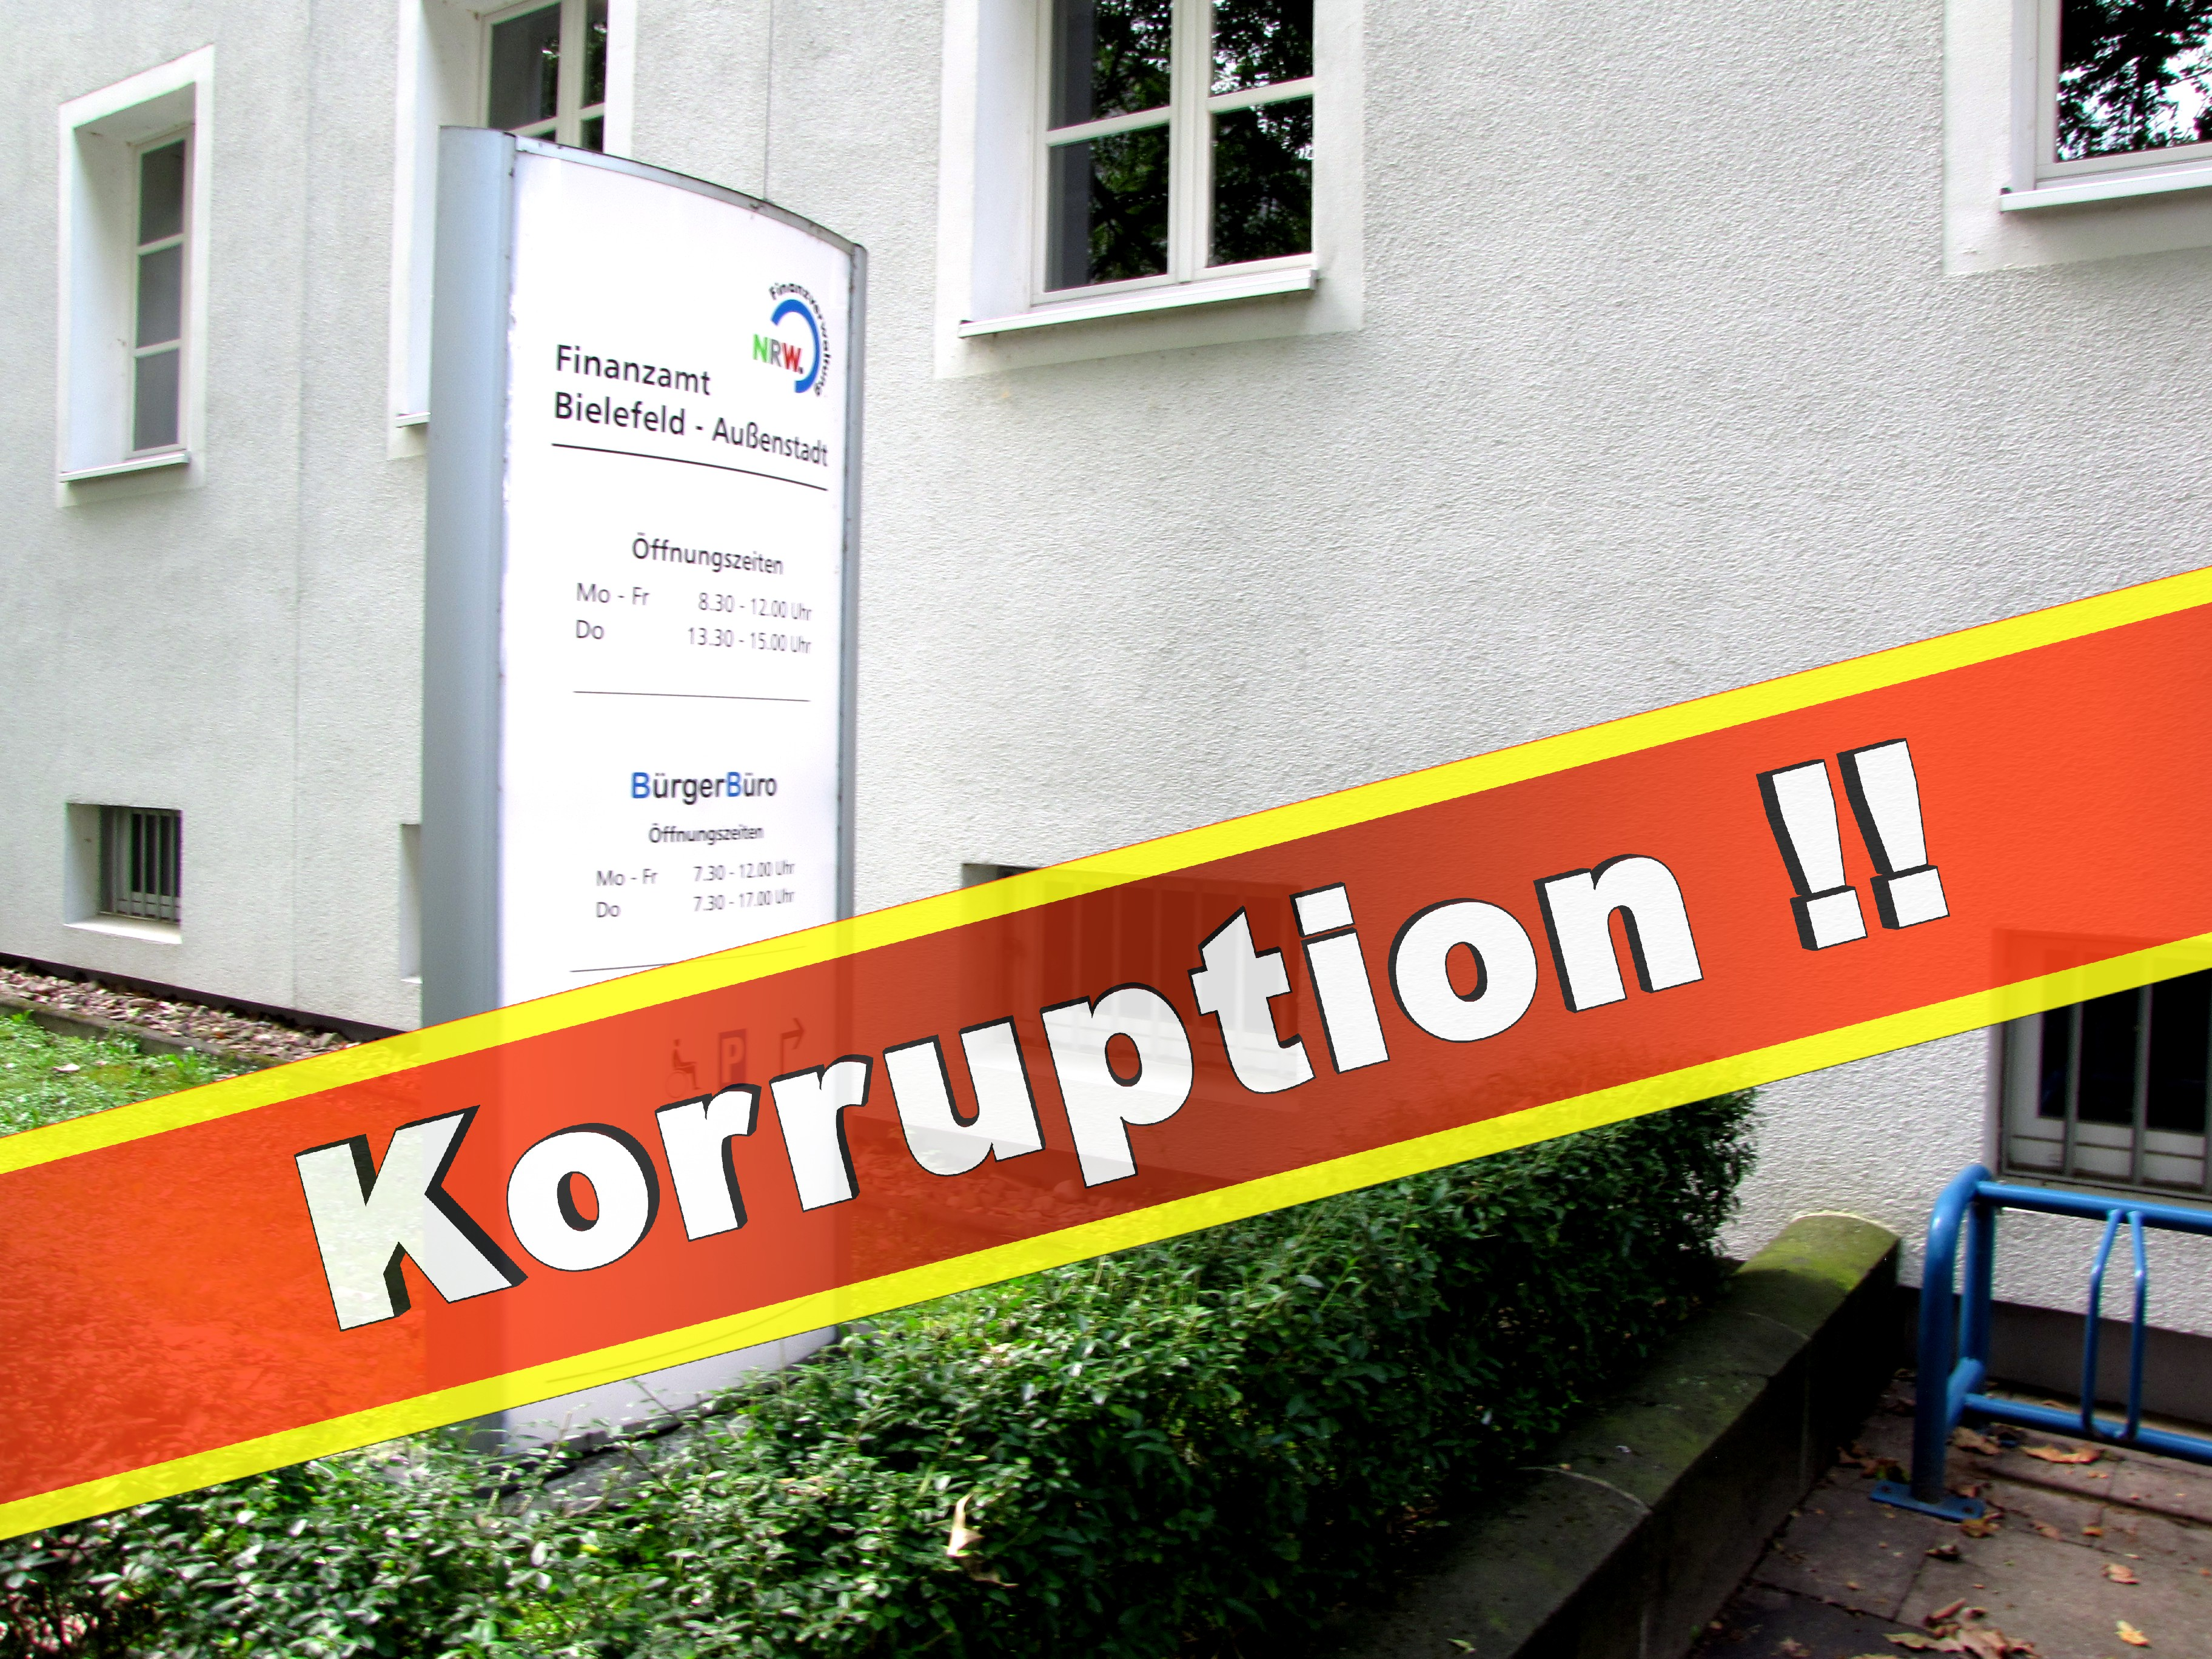 Finanzamt Bielefeld Innenstadt Finanzamt Bielefeld Außenstadt (13)